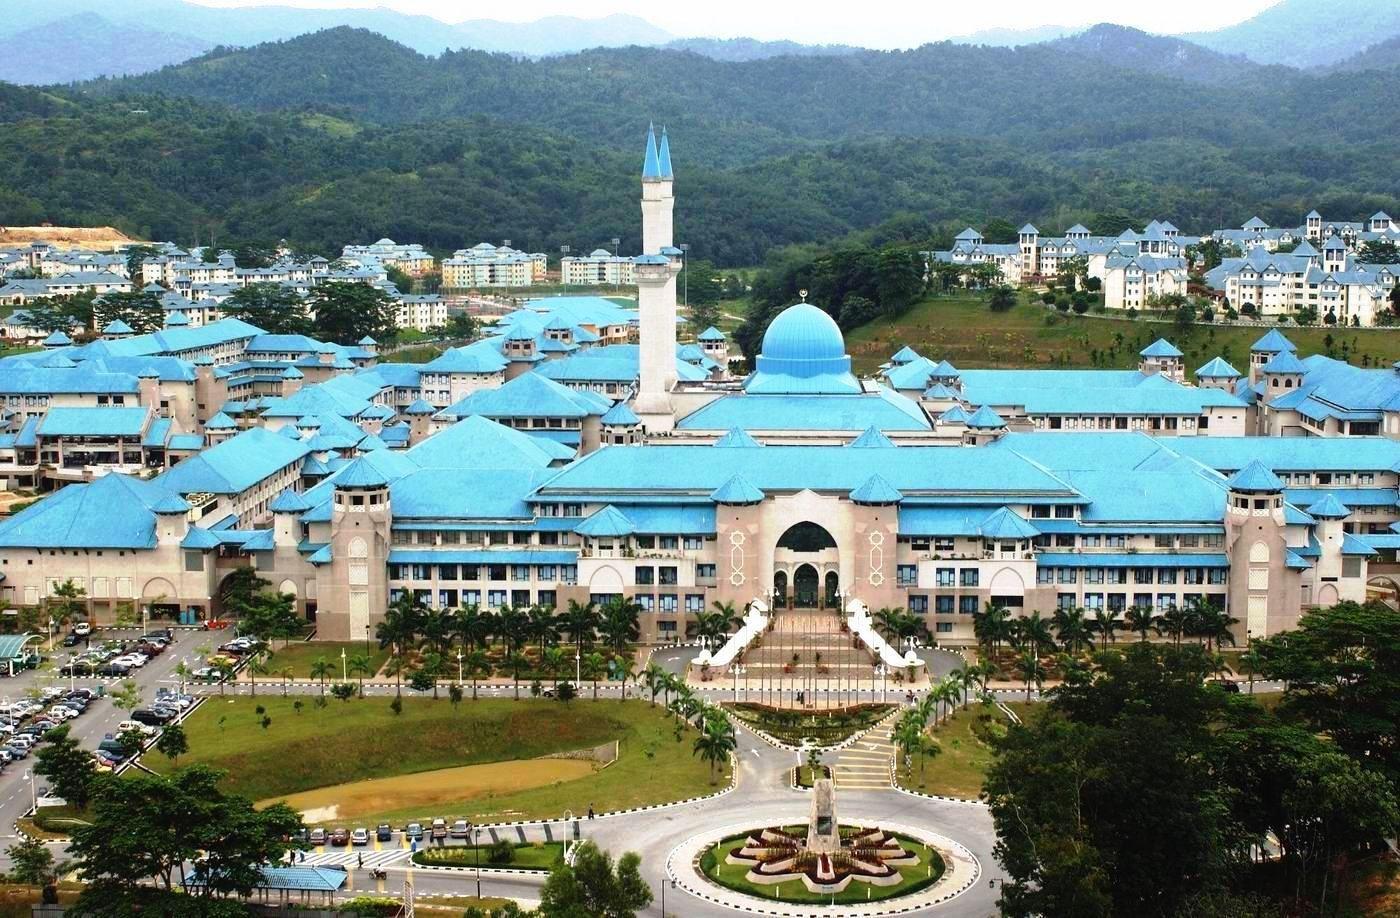 International Islamic University of Malaysia - kuliahdimalaysia.com